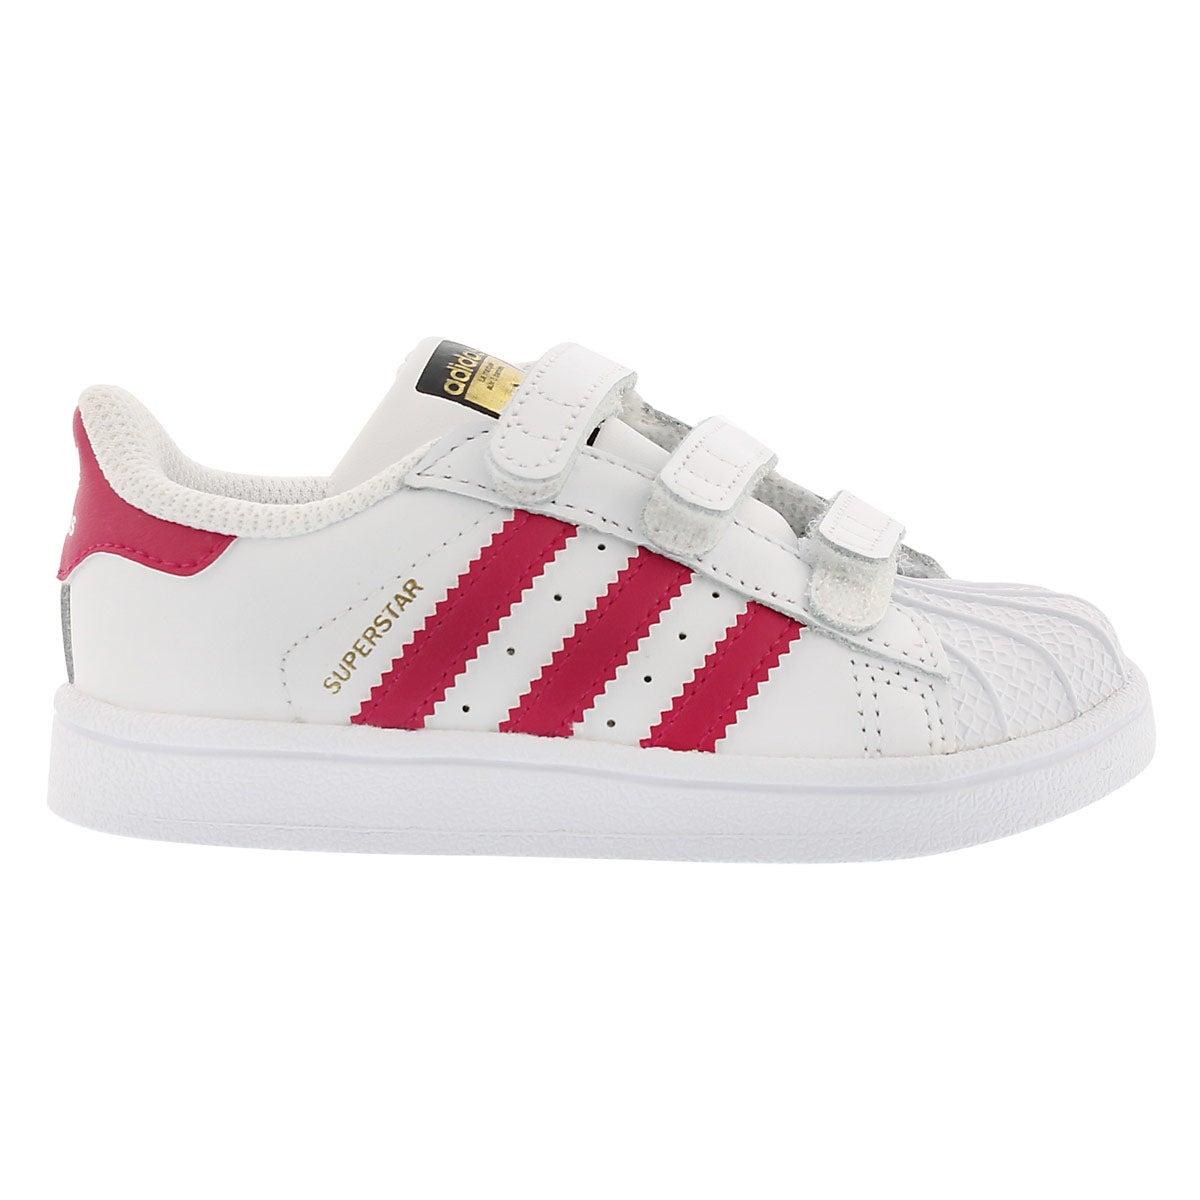 Infs Superstar wht/pnk sneaker